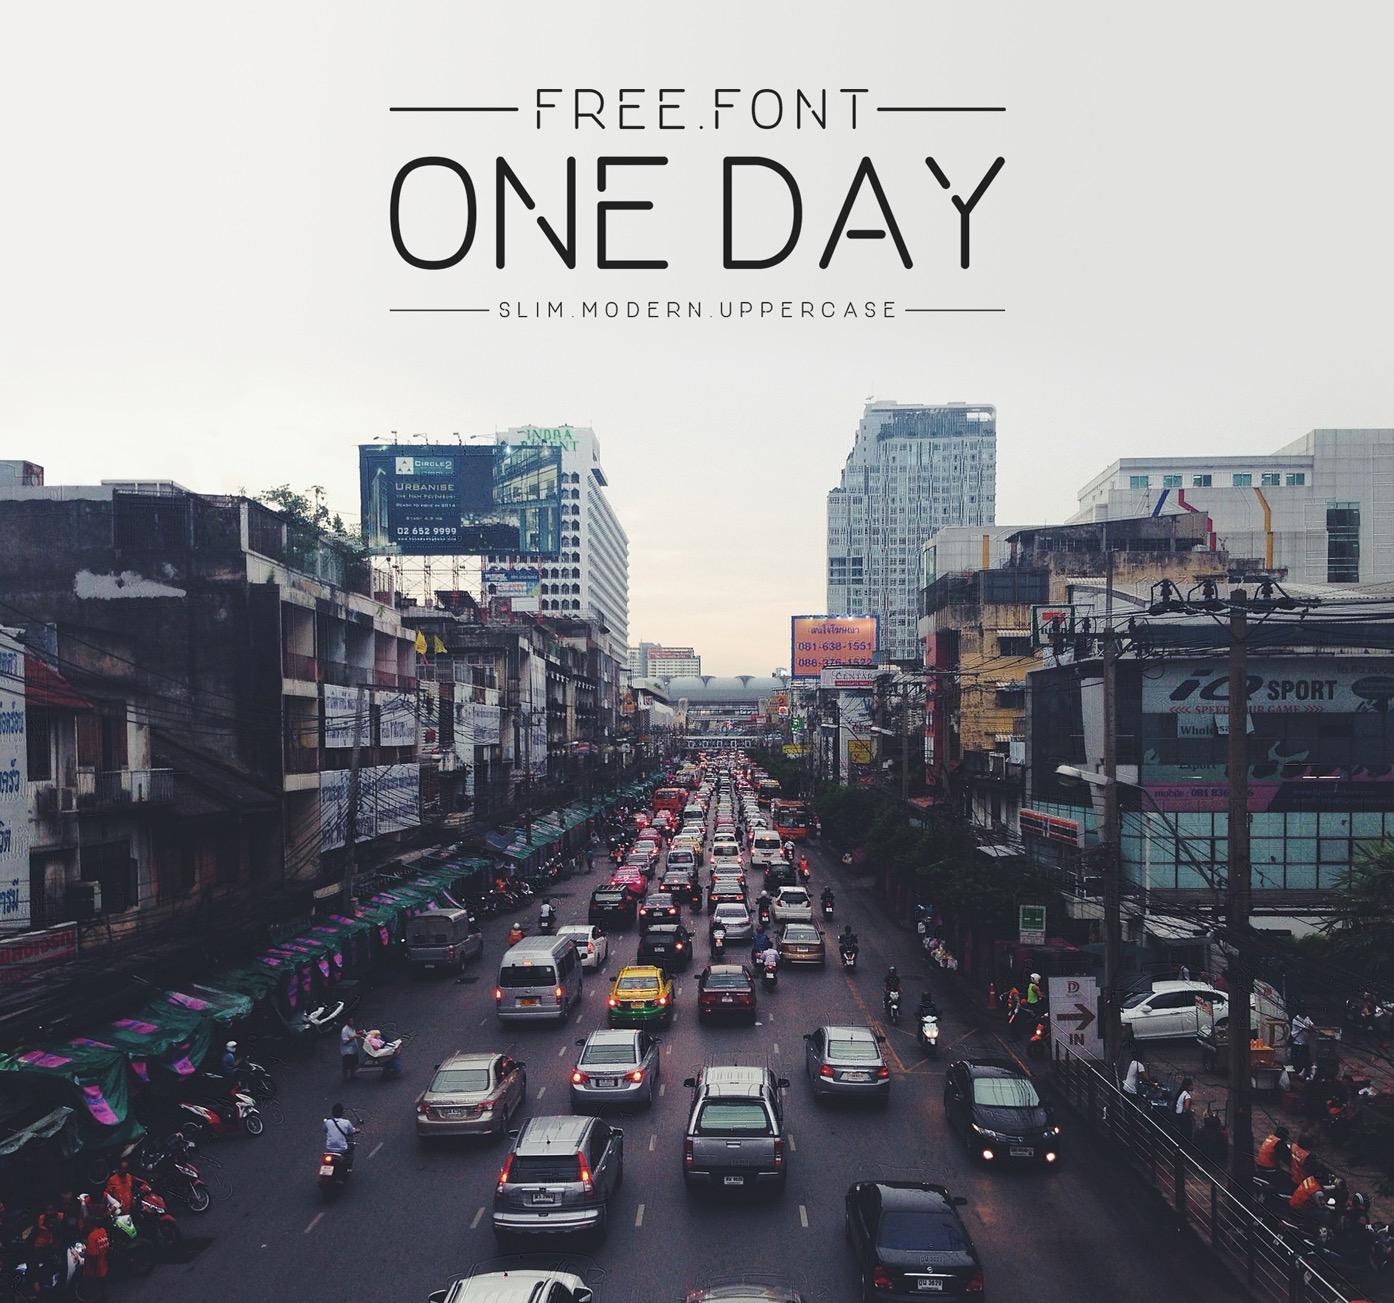 freefont1-25